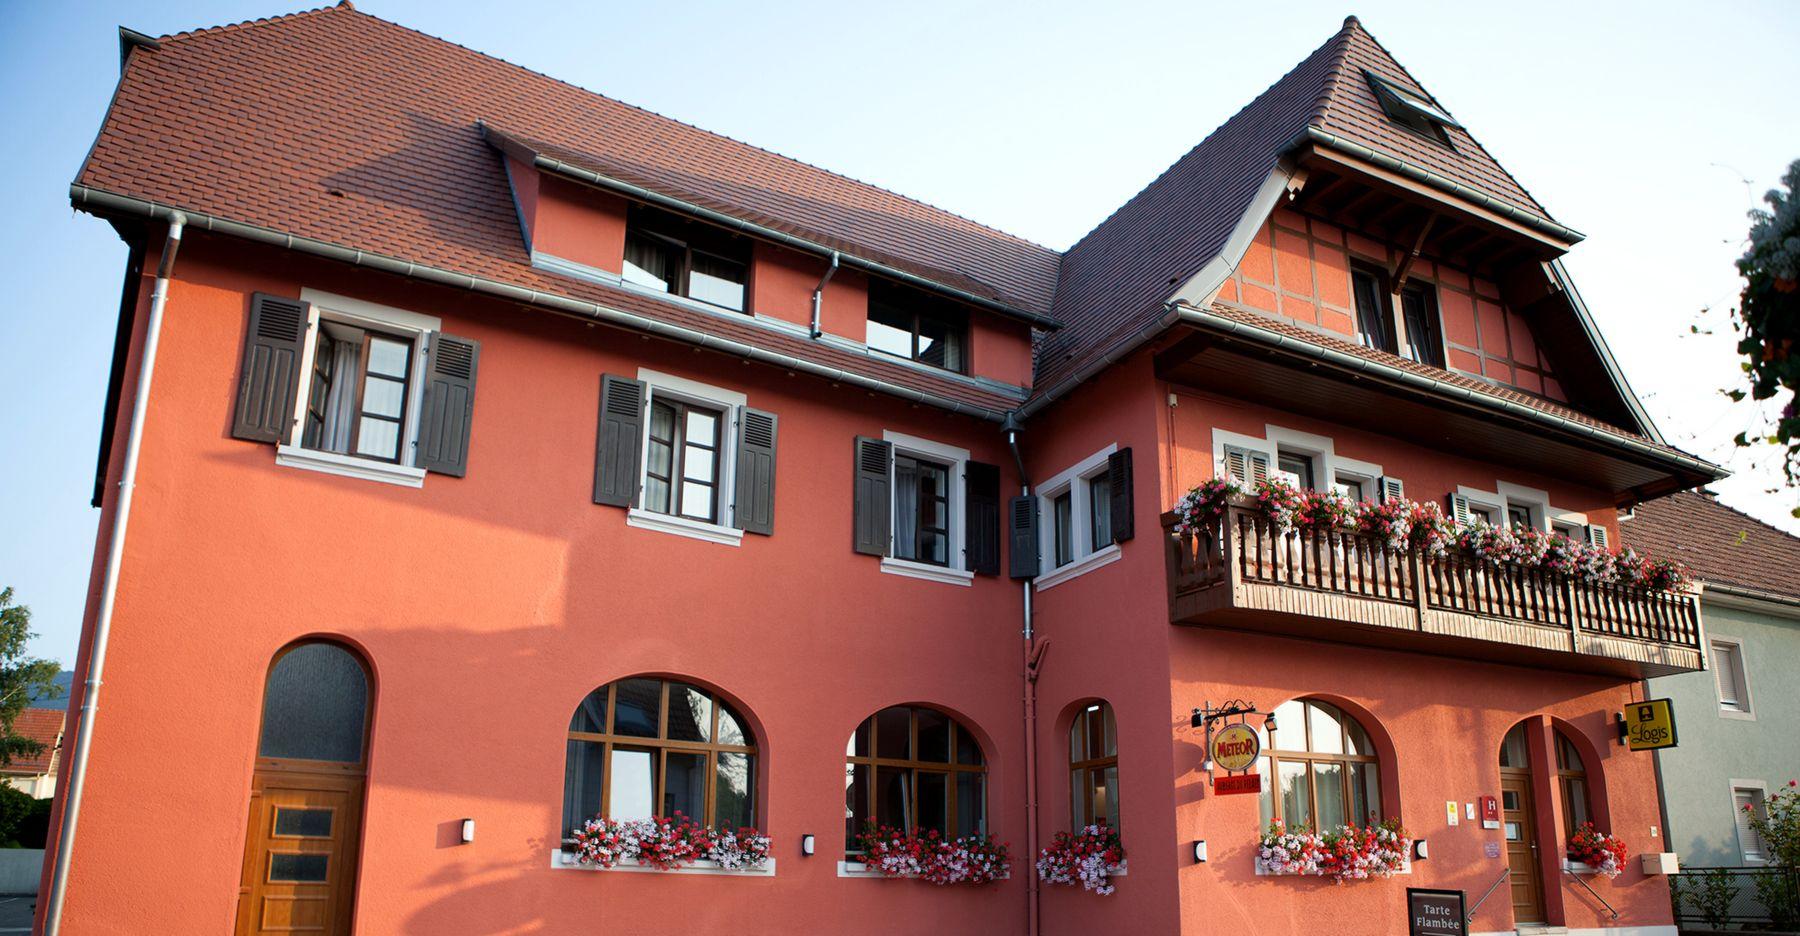 Hôtel - restaurant l'auberge du relais - extérieur